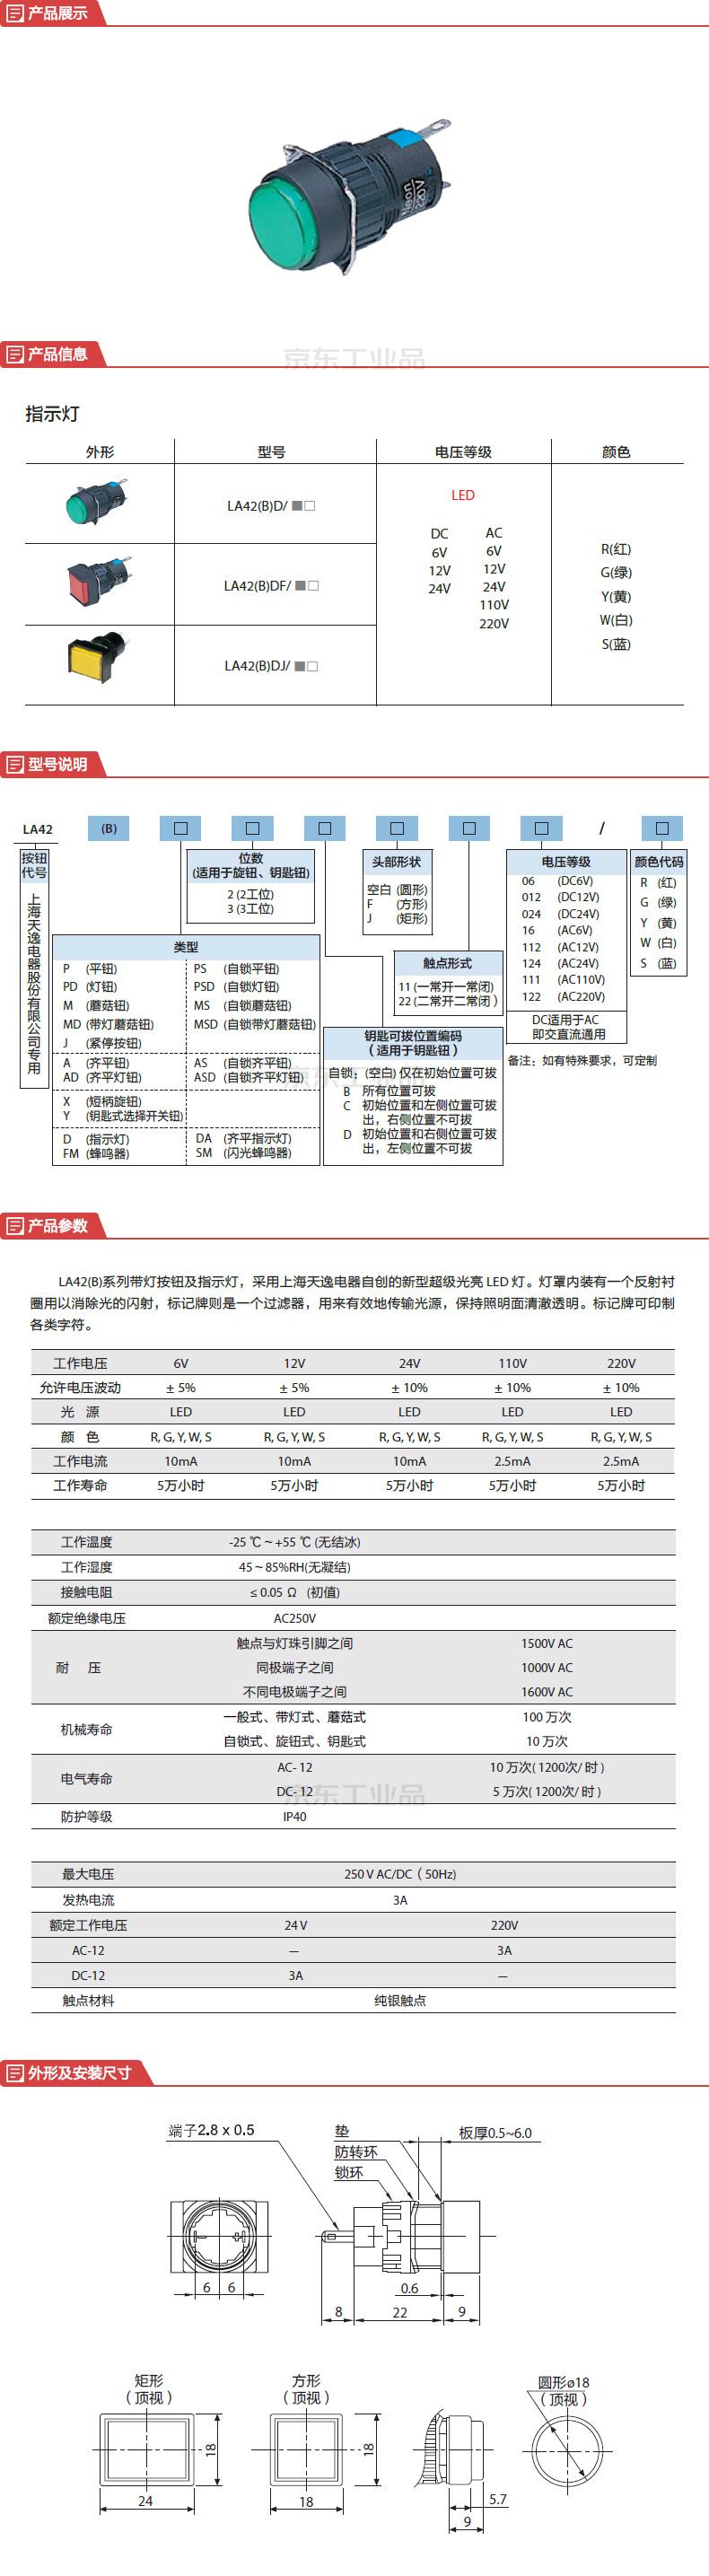 上海天逸电器 圆形指示灯,红色;LA42(B)D-DC24V R